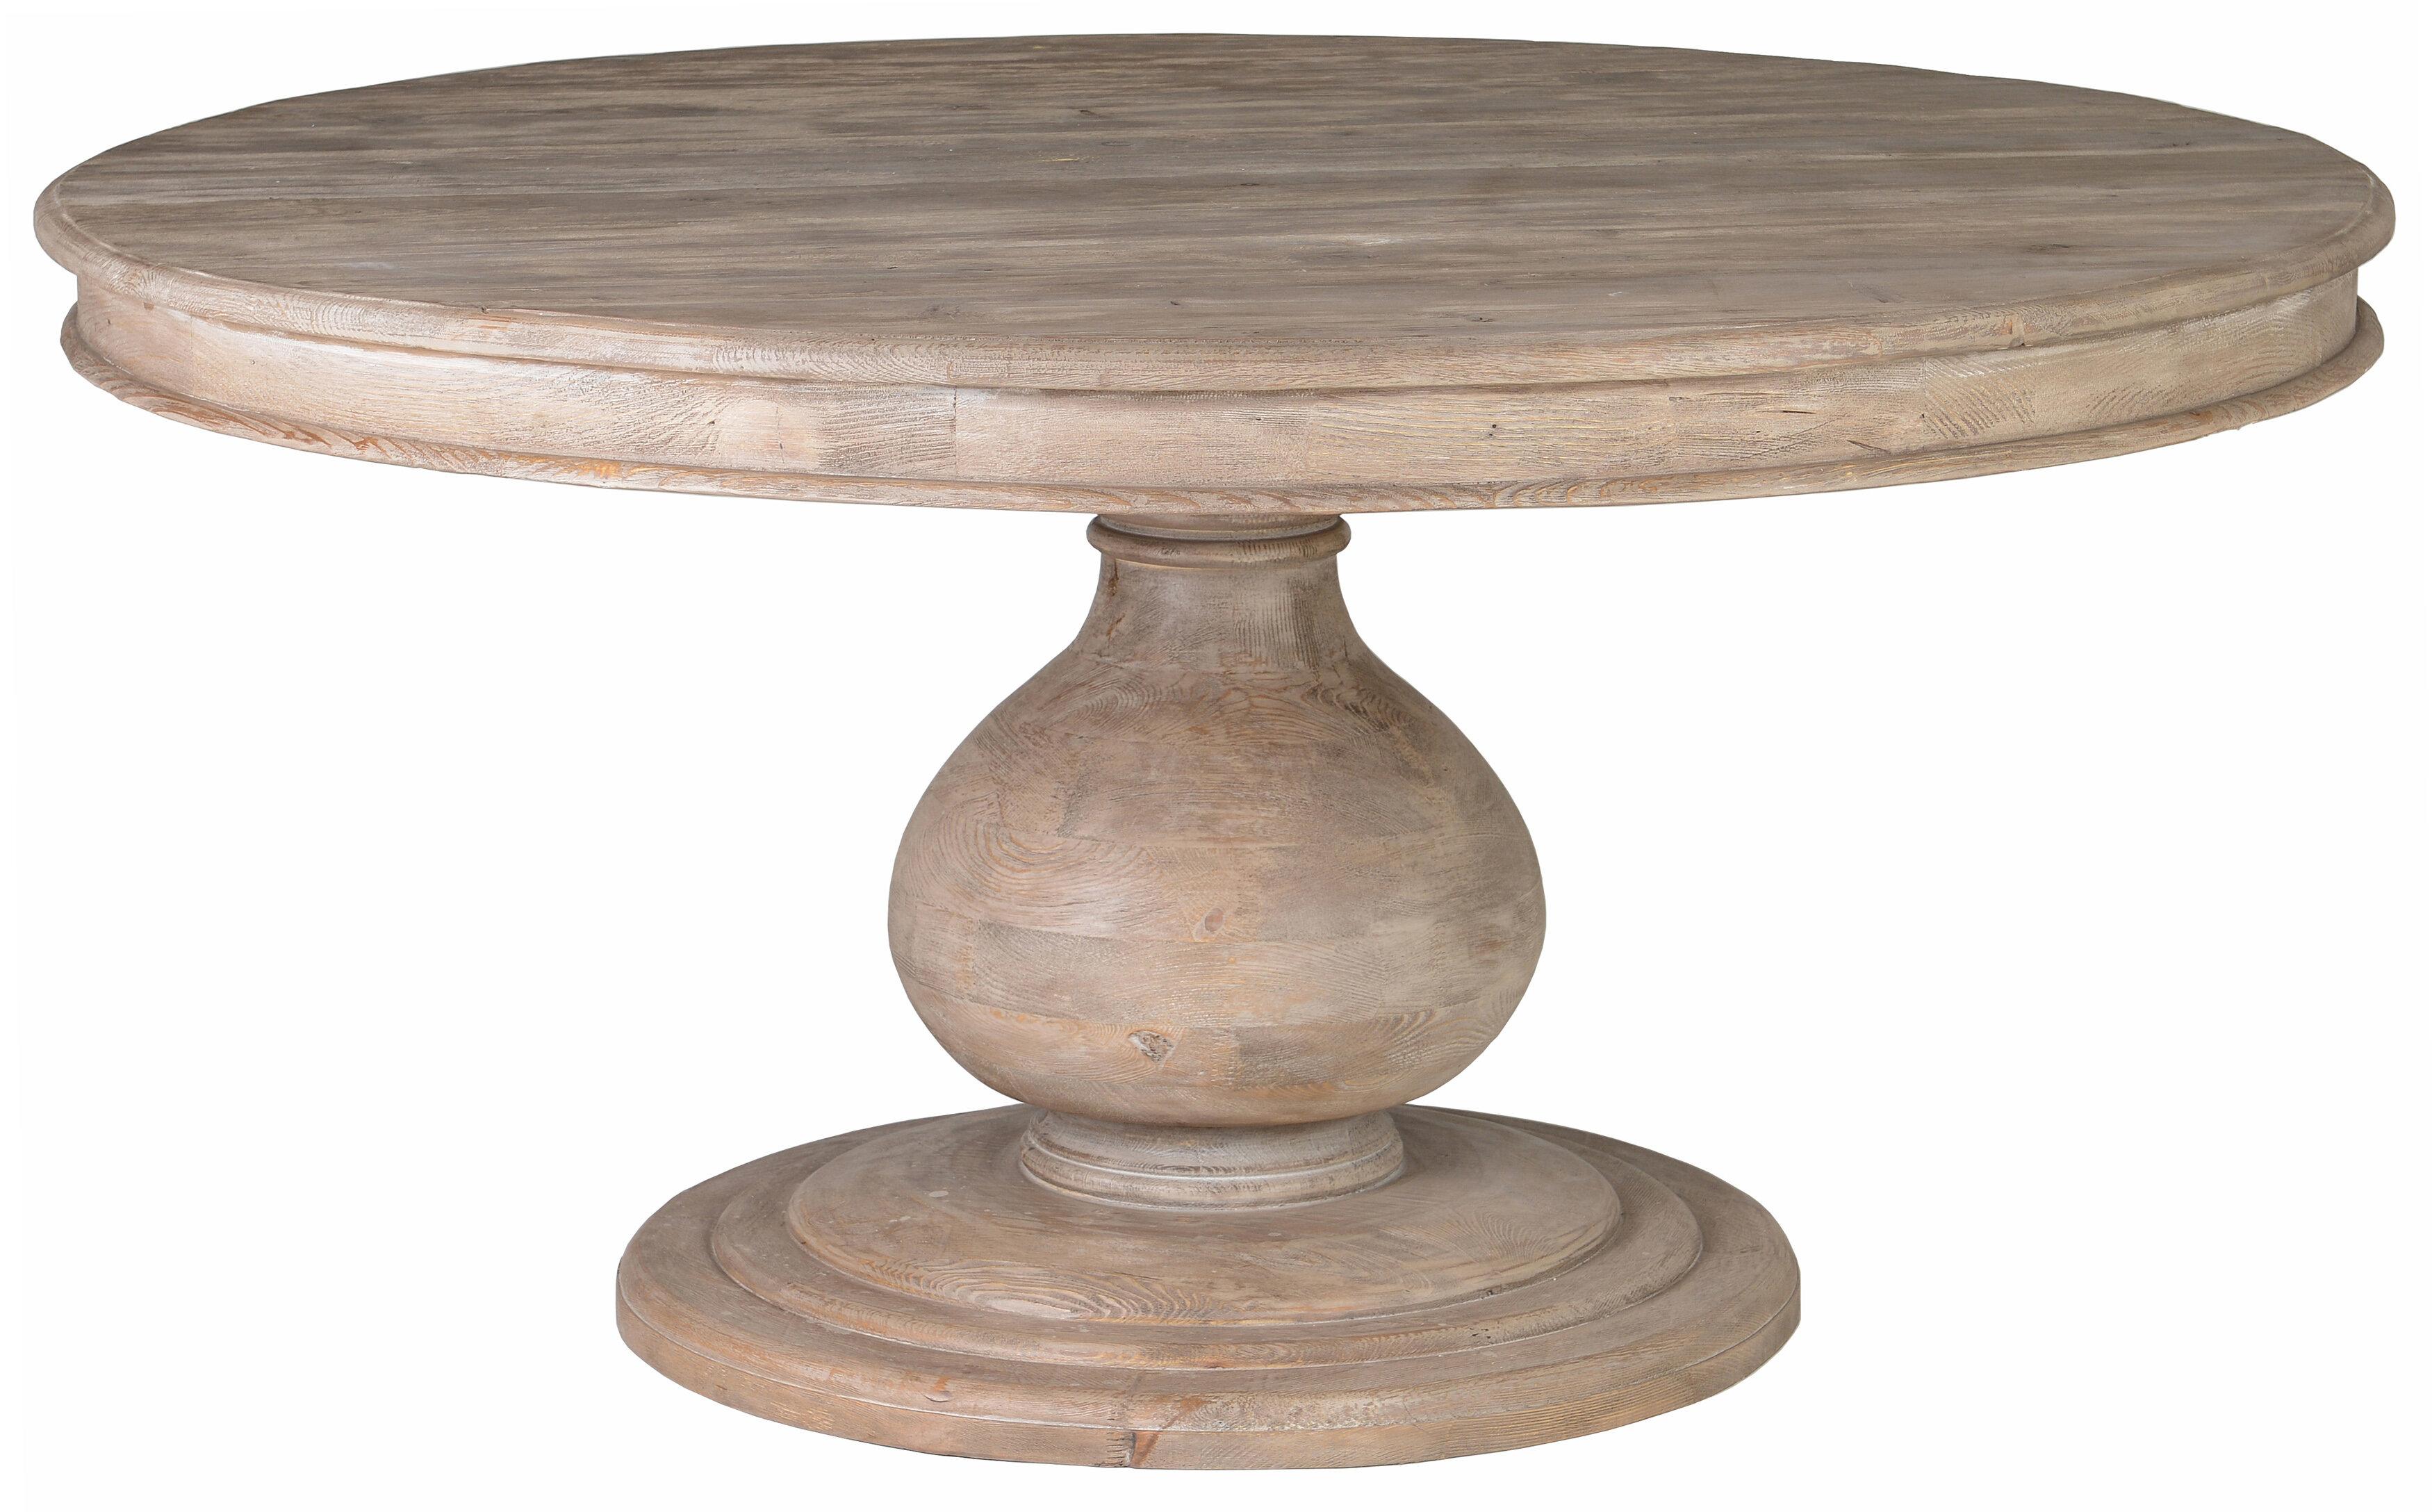 One Allium Way Orear Pine Dining Table U0026 Reviews | Wayfair